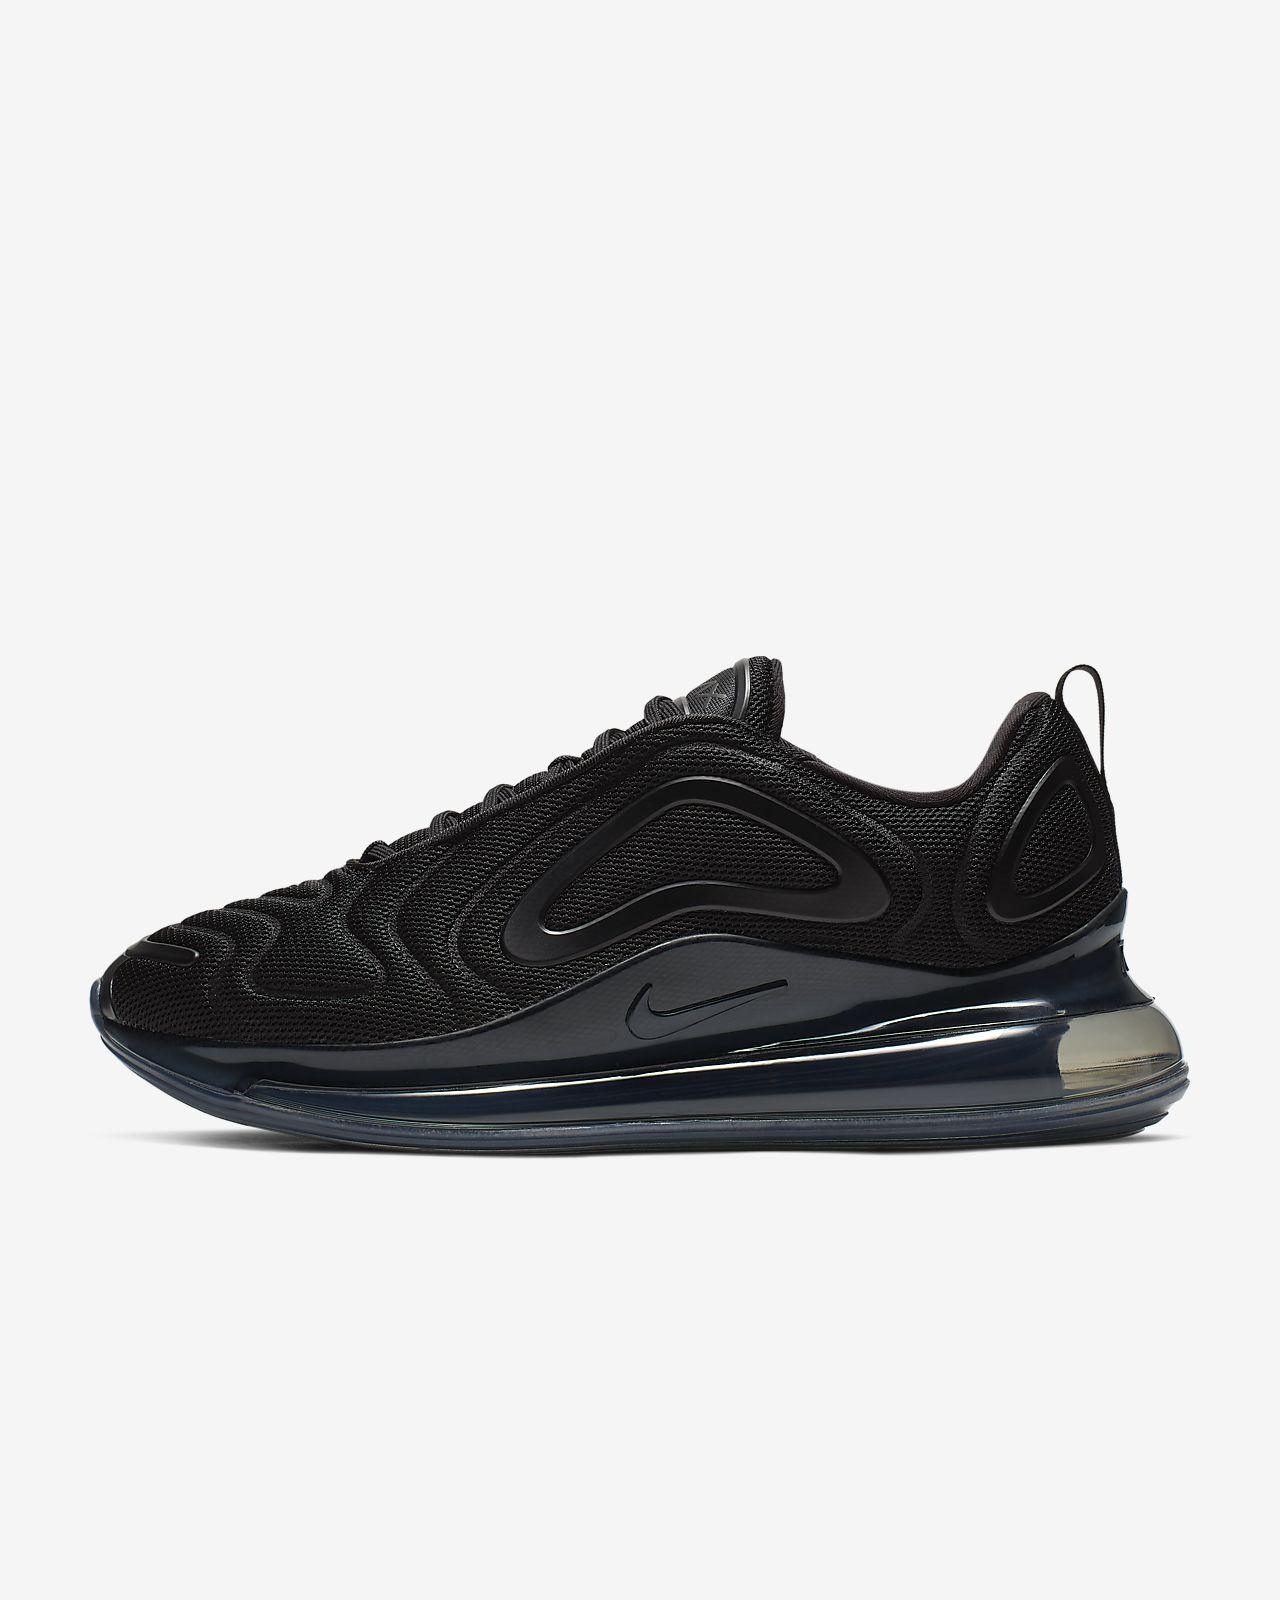 Pánská bota Nike Air Max 720